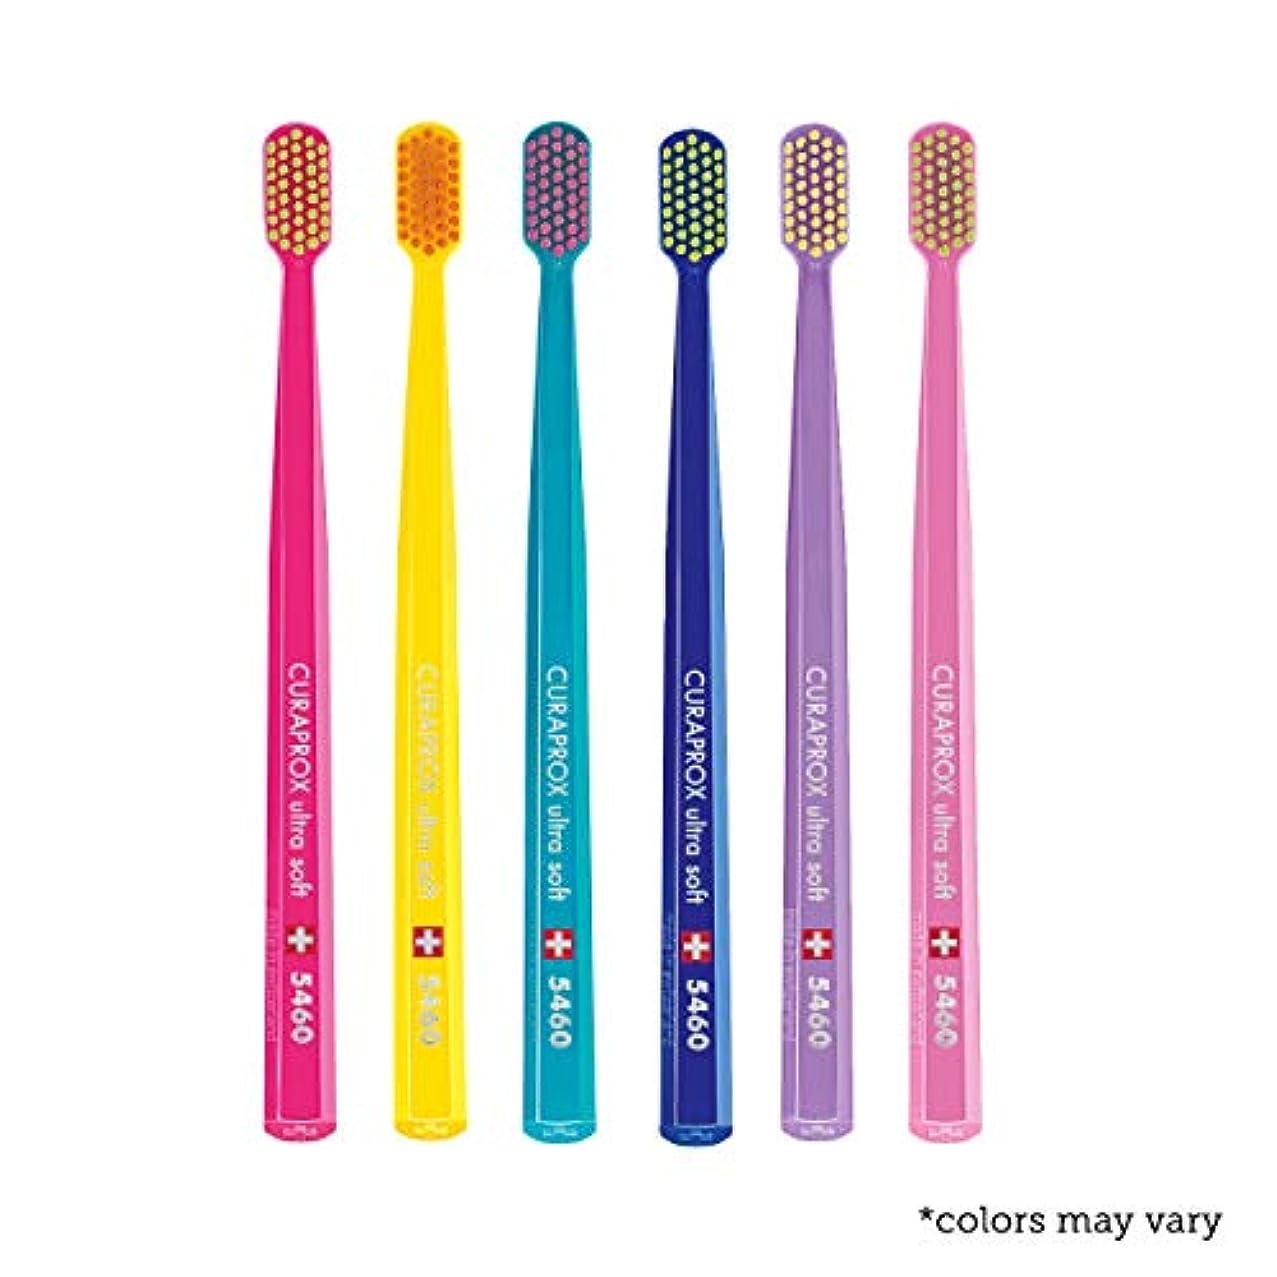 一流損傷学習Ultra soft toothbrush, 6 brushes, Curaprox Ultra Soft 5460. Softer feeling & better cleaning, in amazing vivid...